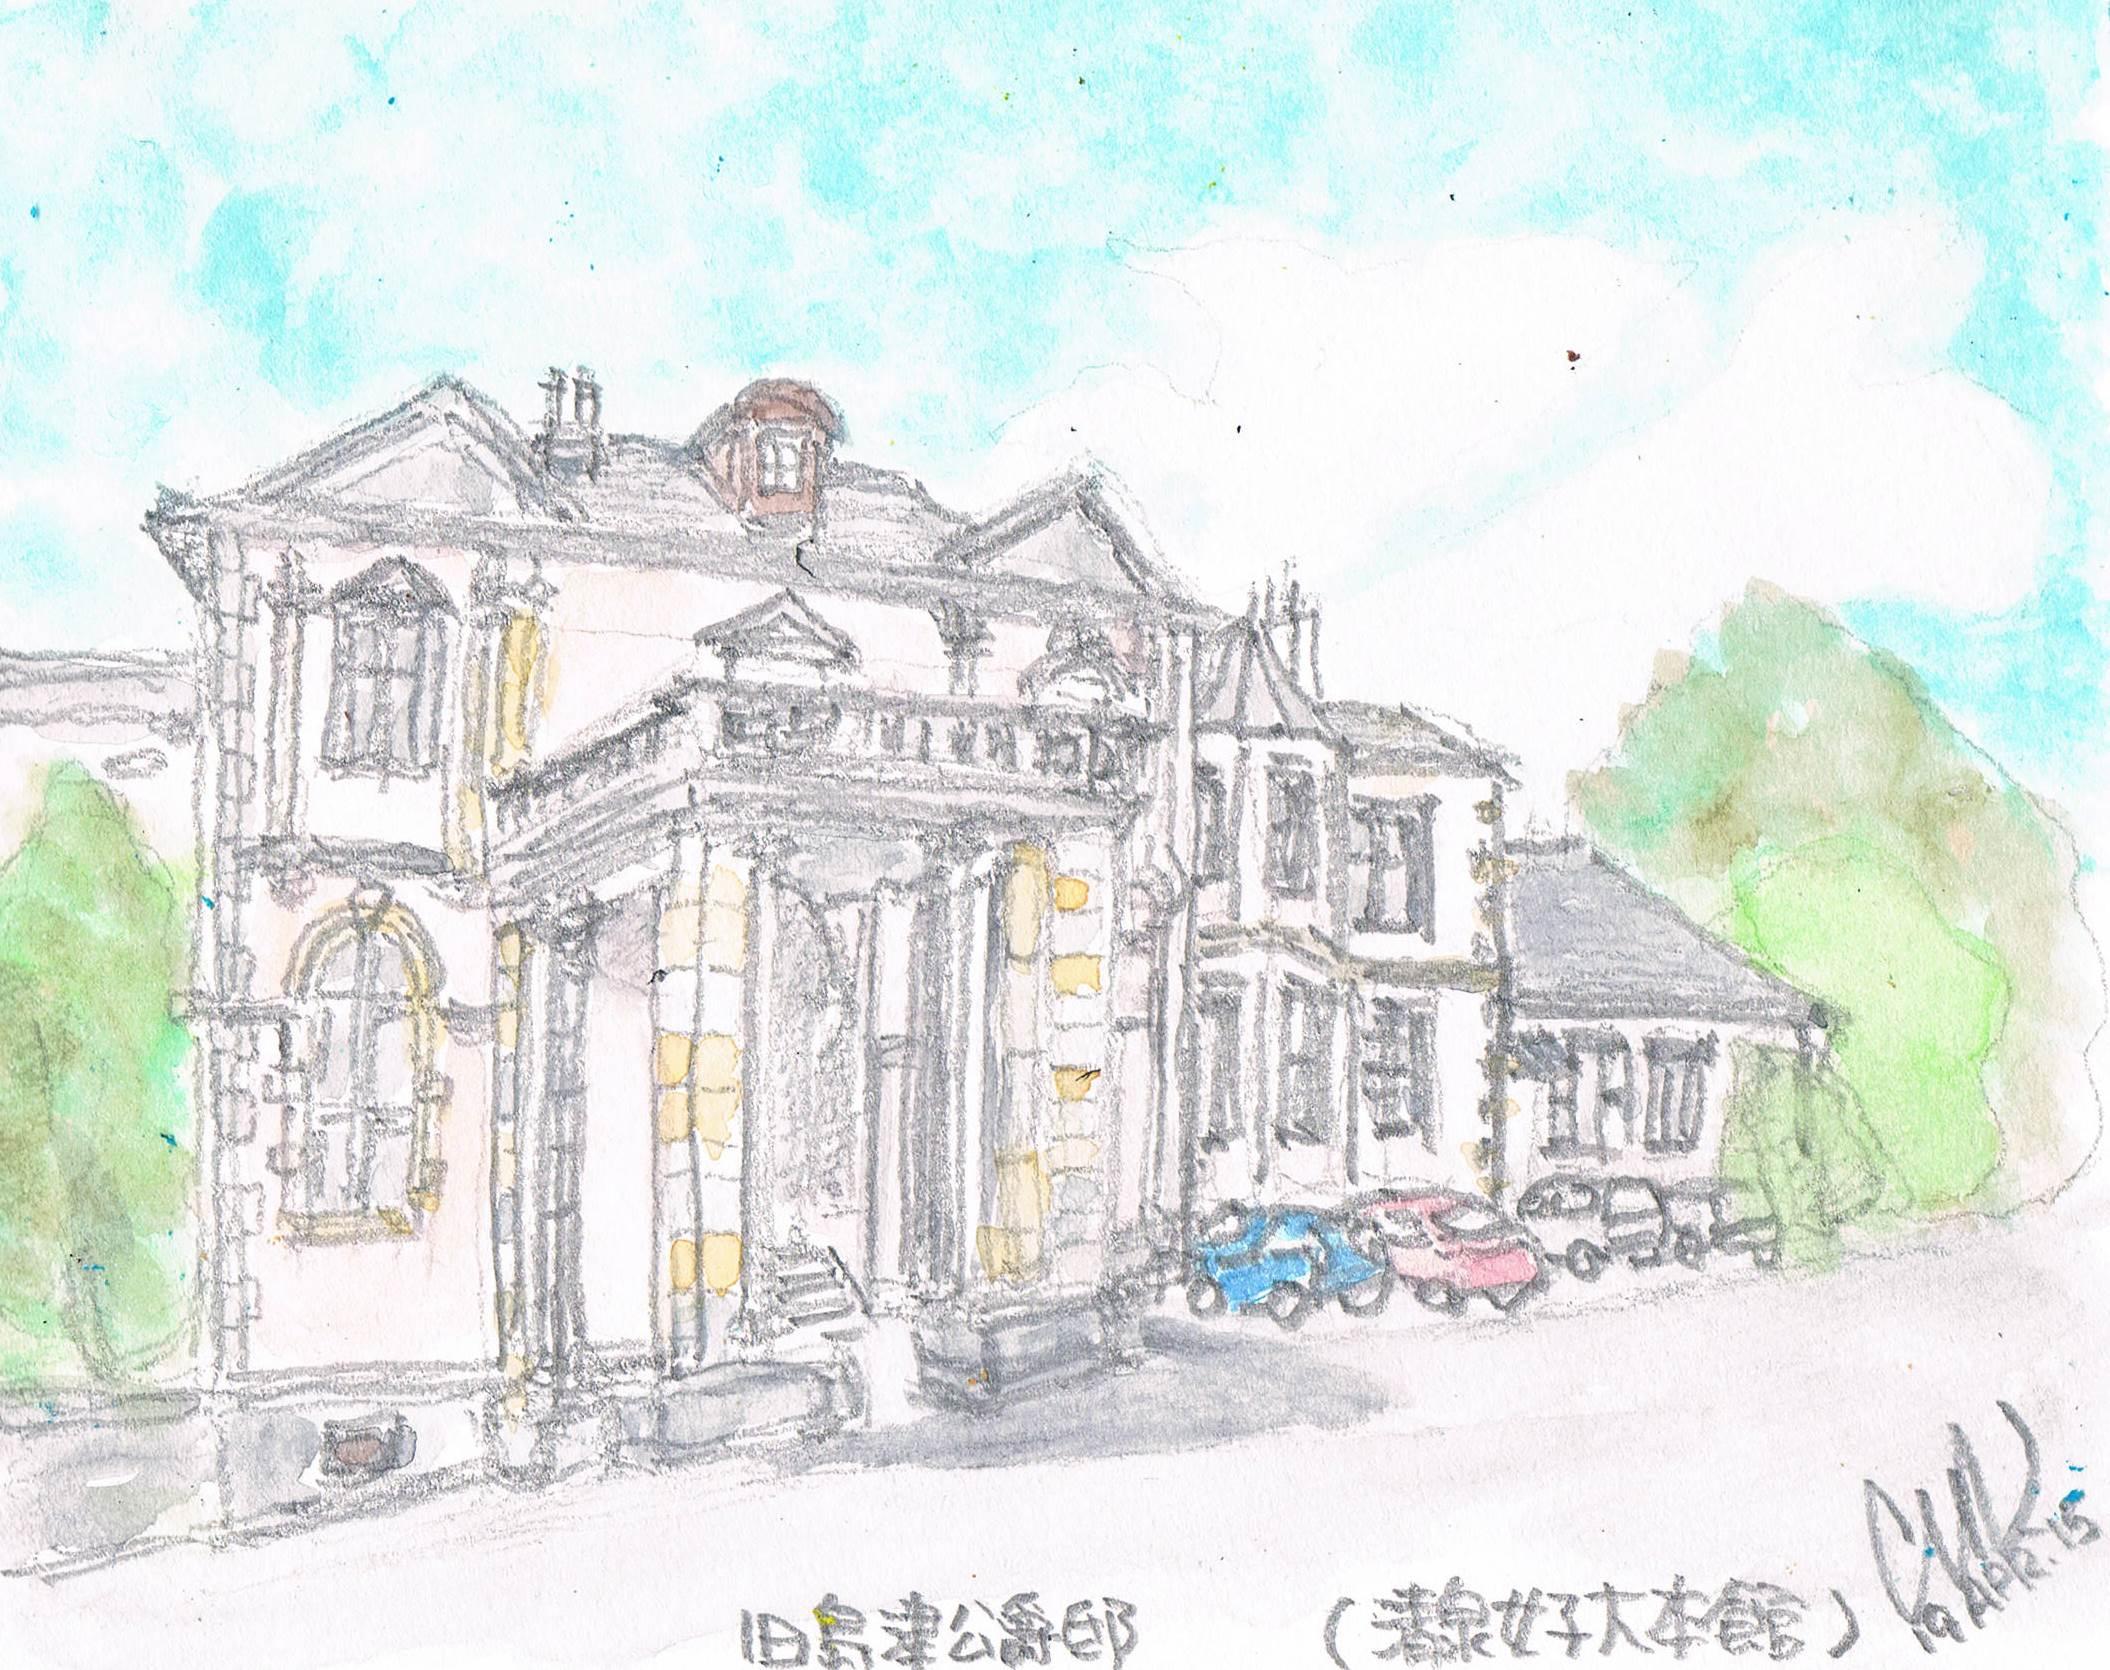 竣工100年 旧島津公爵邸_e0232277_10185289.jpg